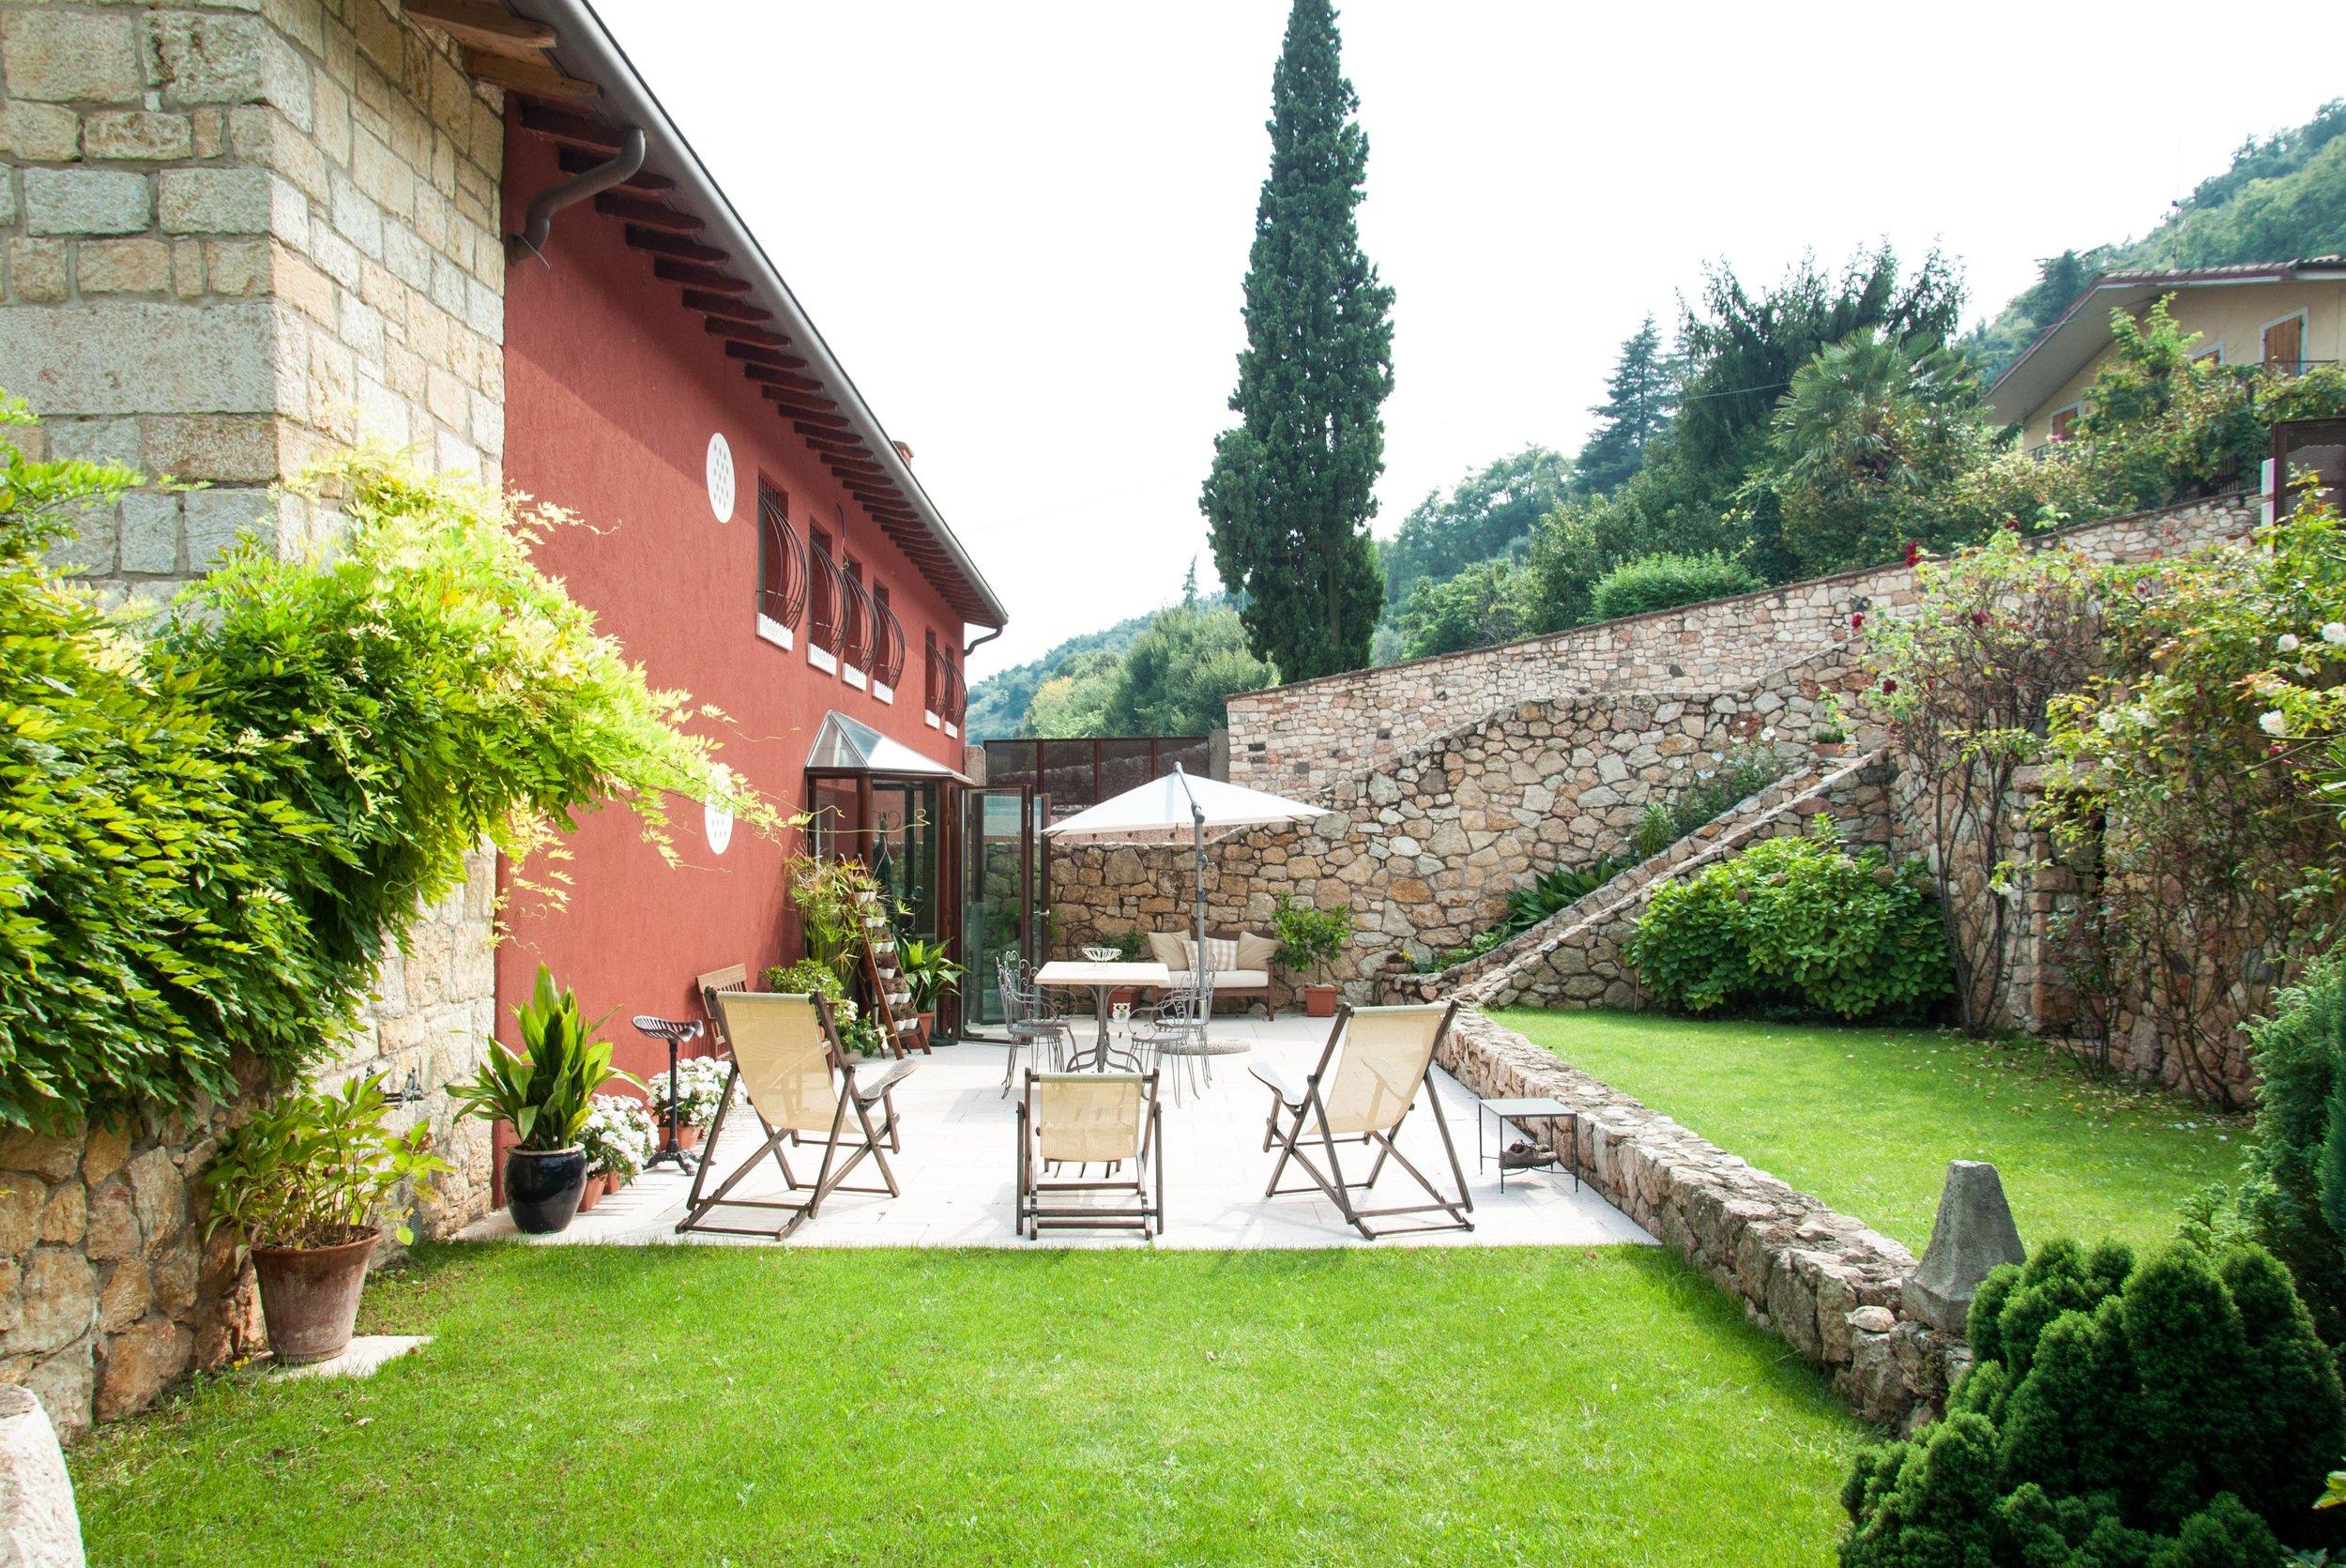 Colle-degli-Ulivi-10.jpg